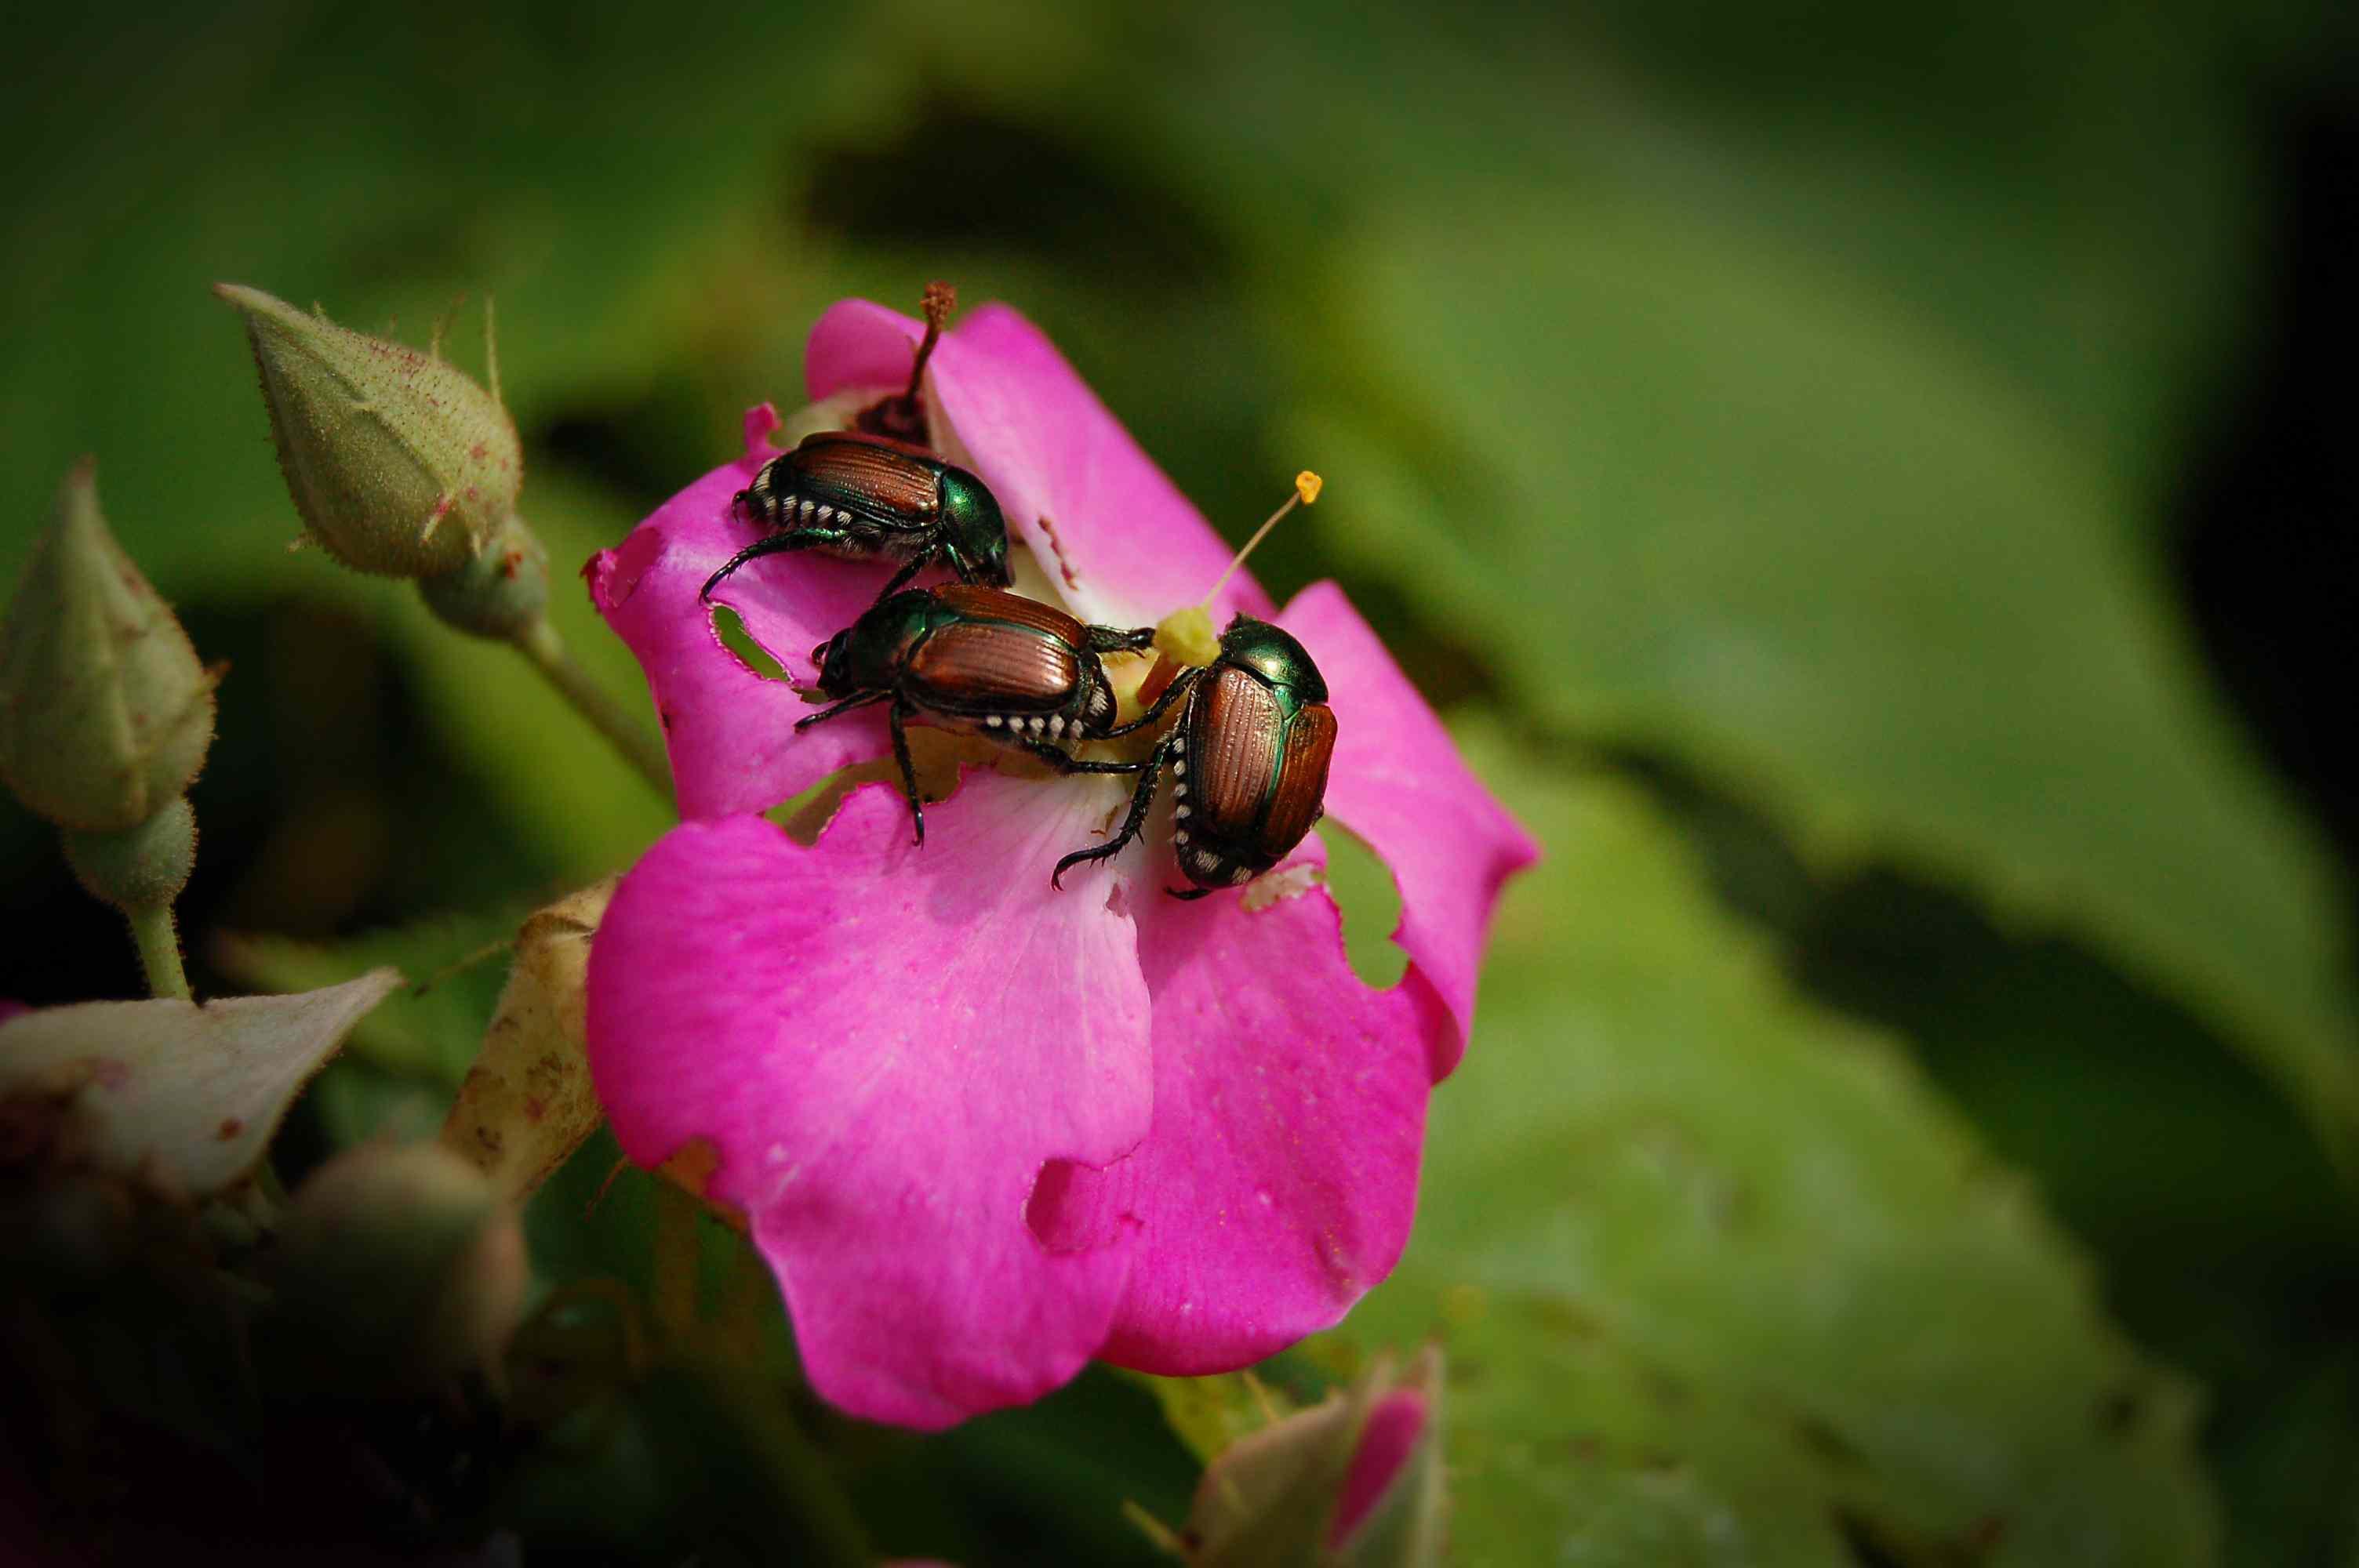 Garden Pests - Japanese Beetles